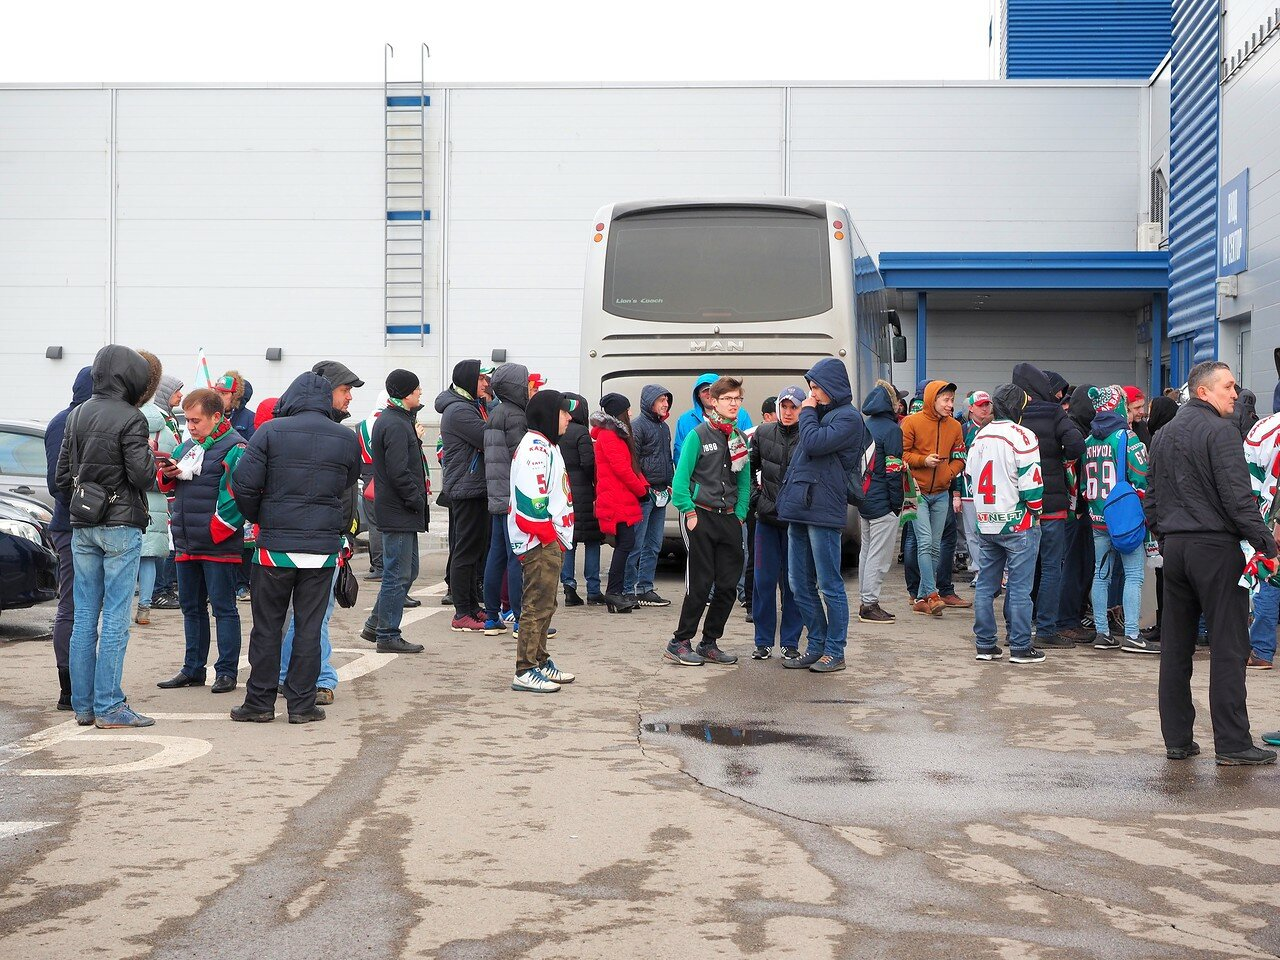 1 Первая игра финала плей-офф восточной конференции 2017 Металлург - АкБарс 24.03.2017